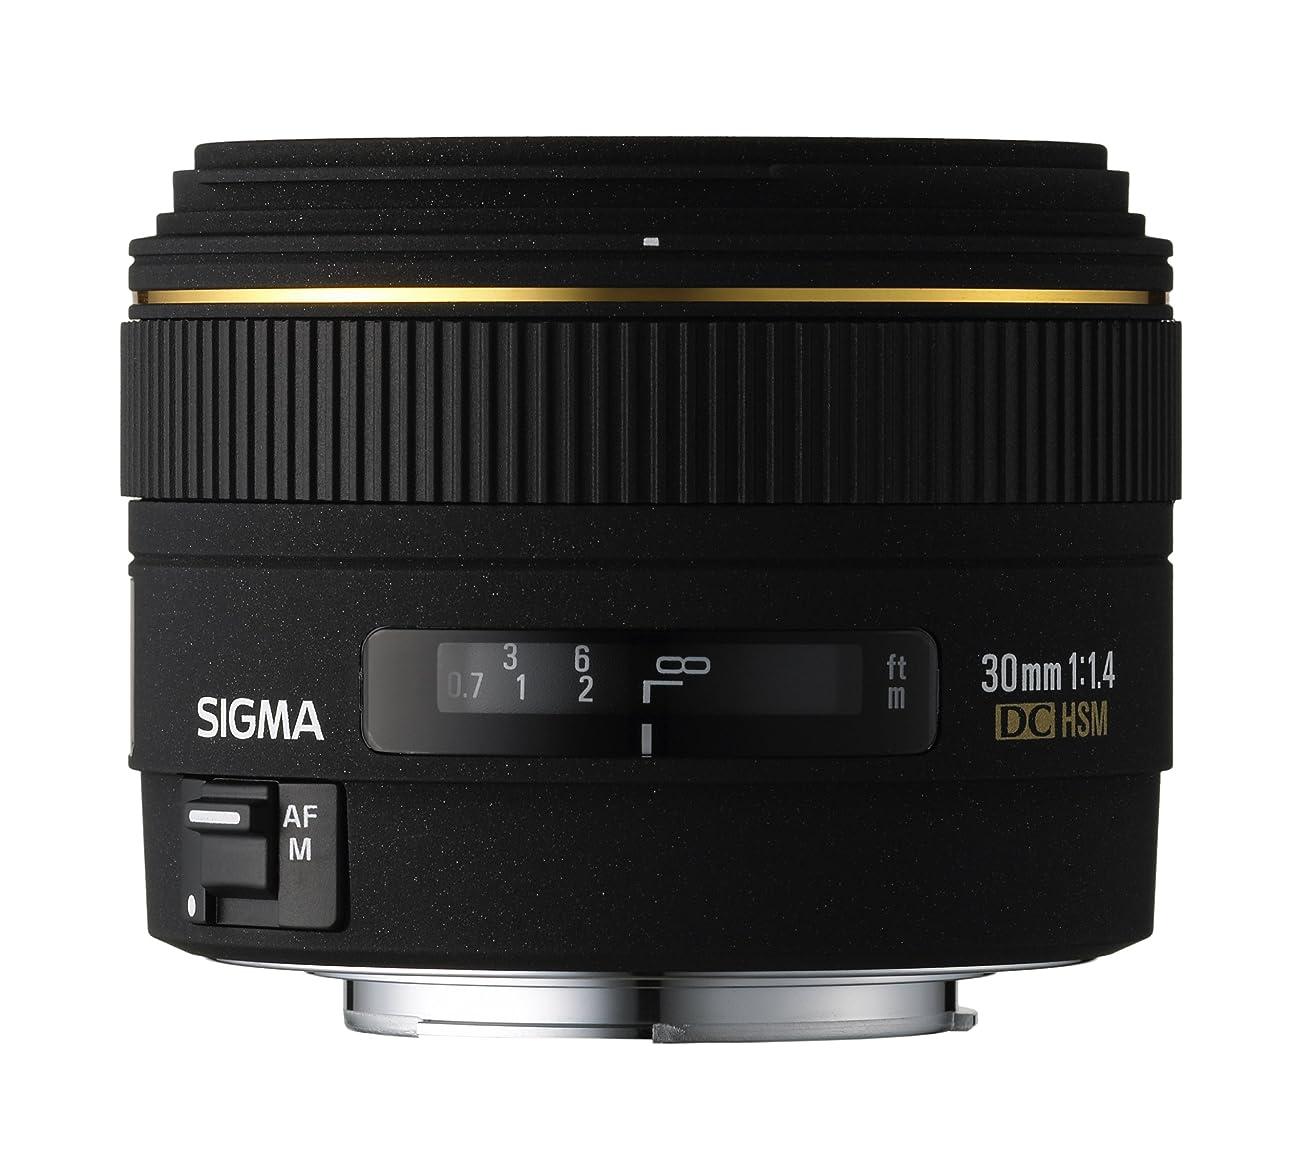 Sigma 30mm f/1.4 EX DC Lens for Pentax and Samsung Digital SLR Cameras